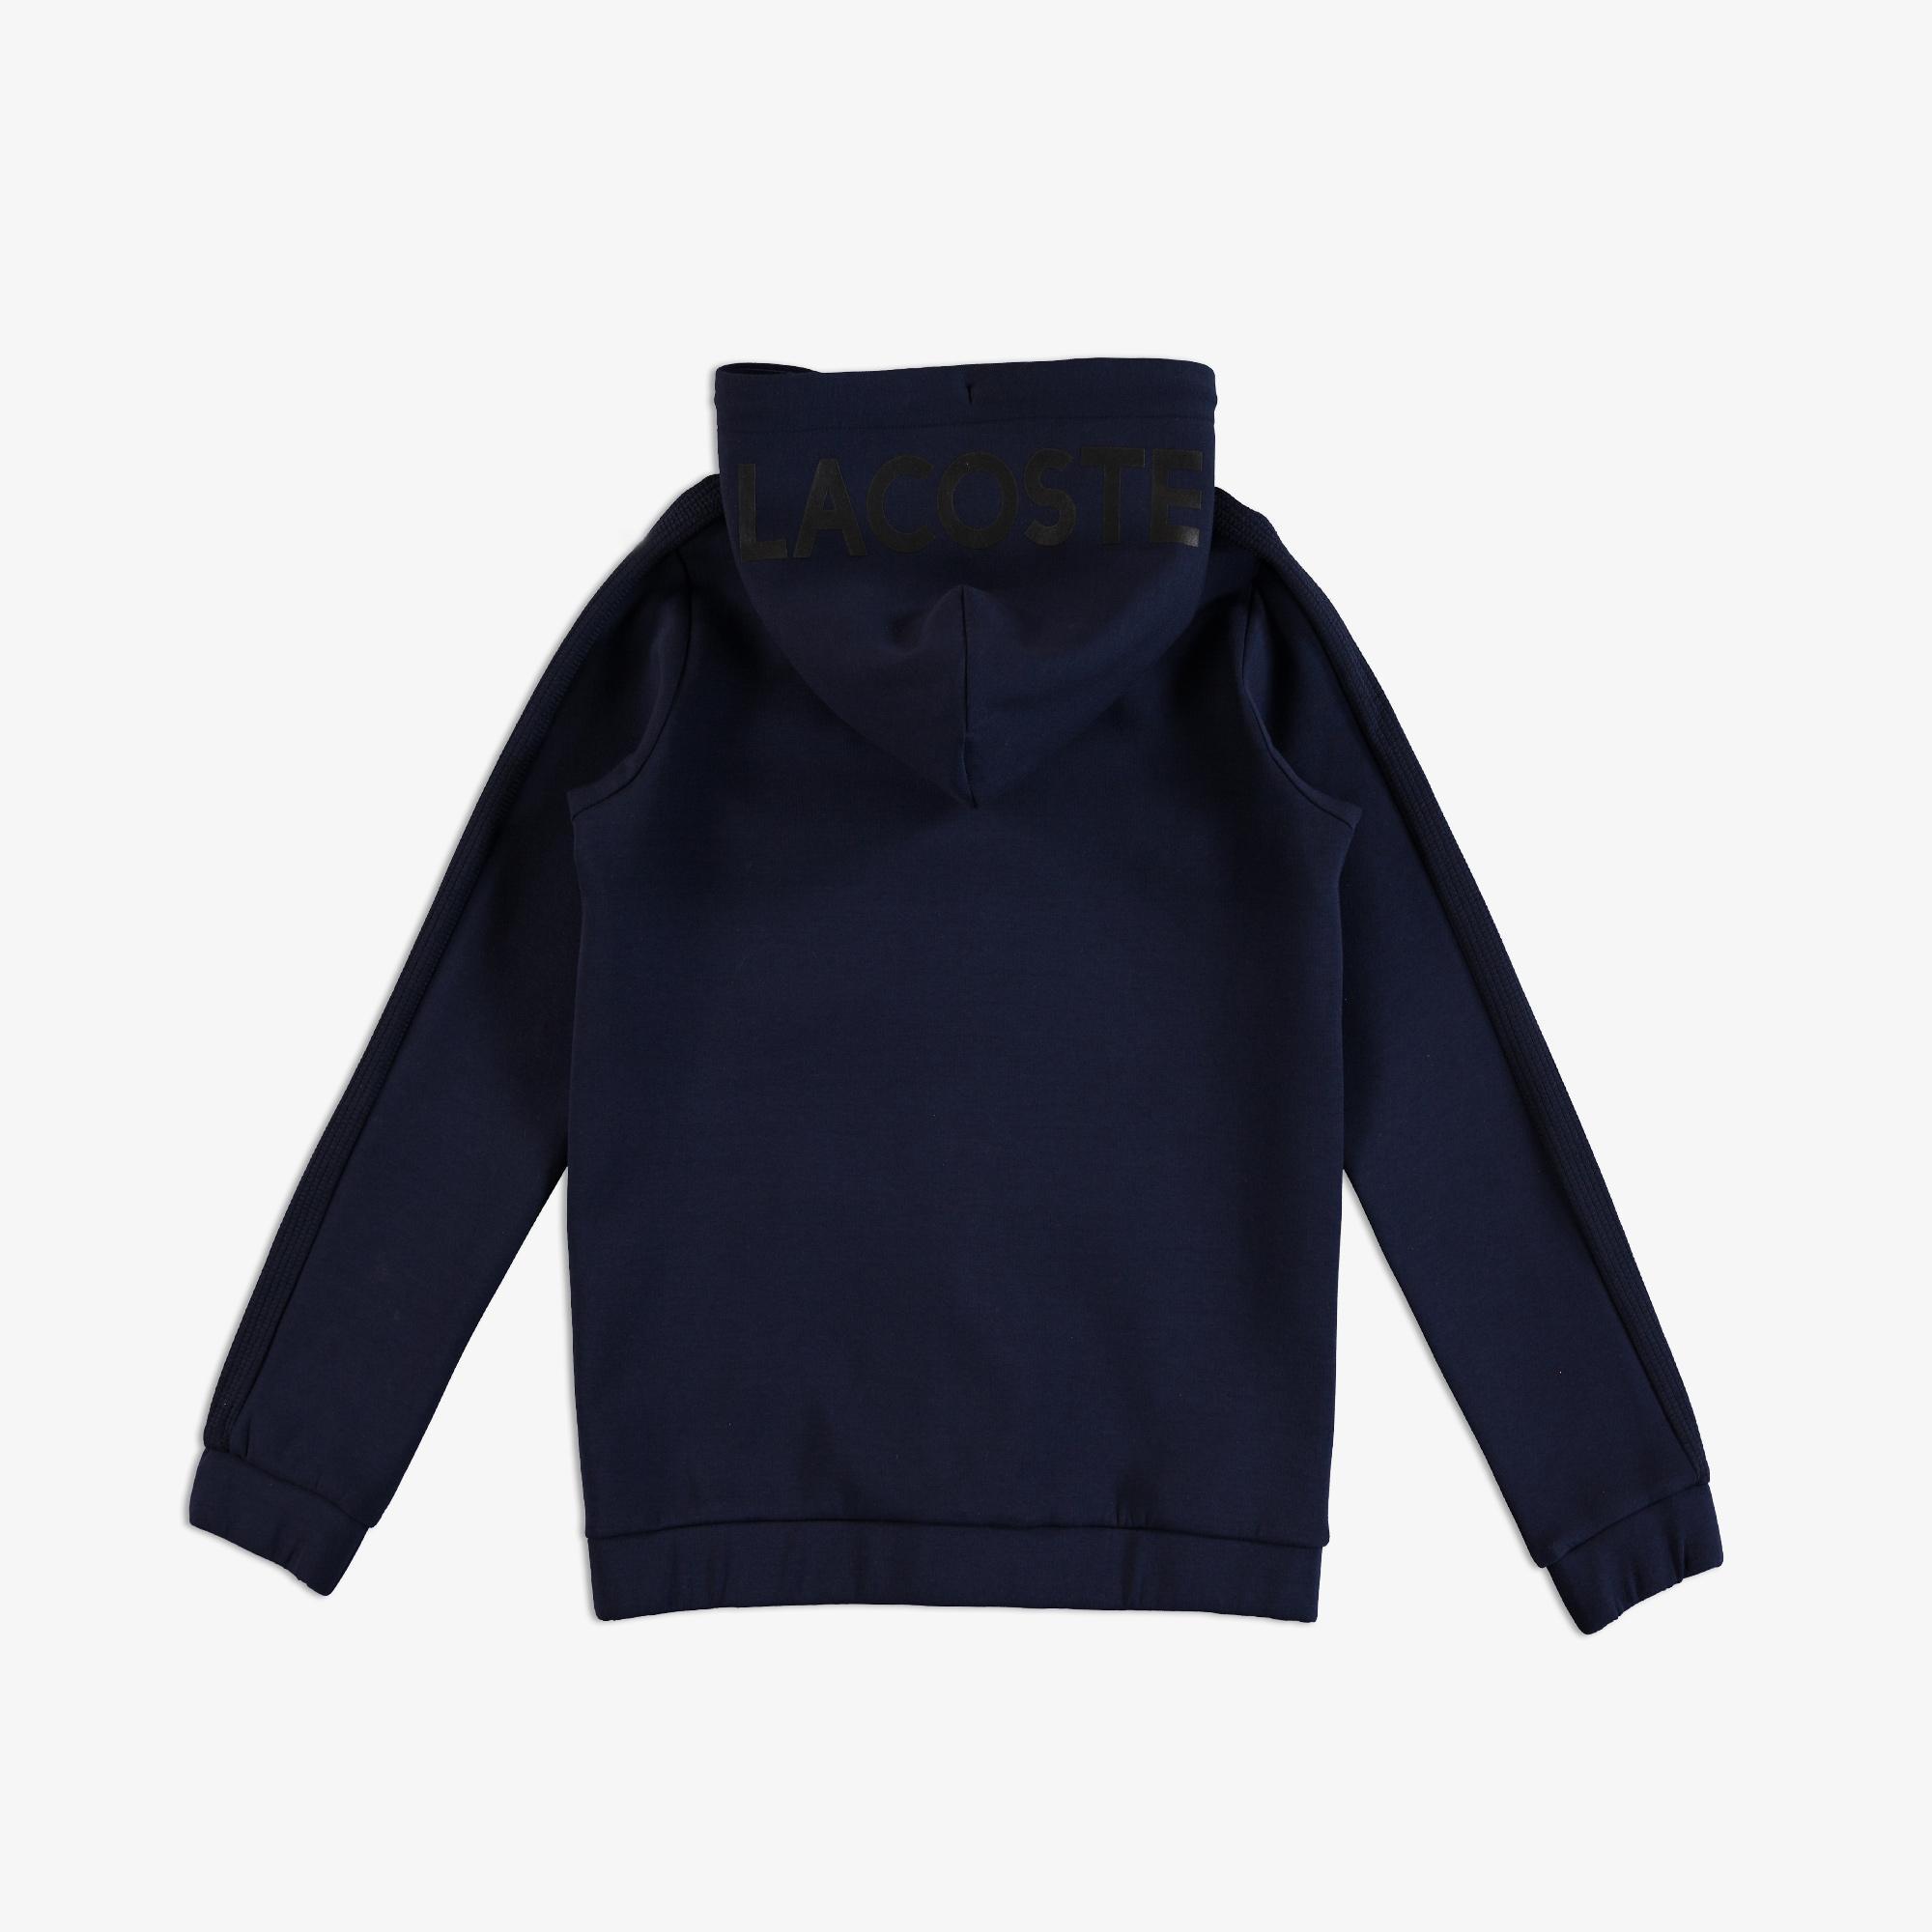 Lacoste Çocuk Fermuarlı Kapüşonlu Lacivert Sweatshirt